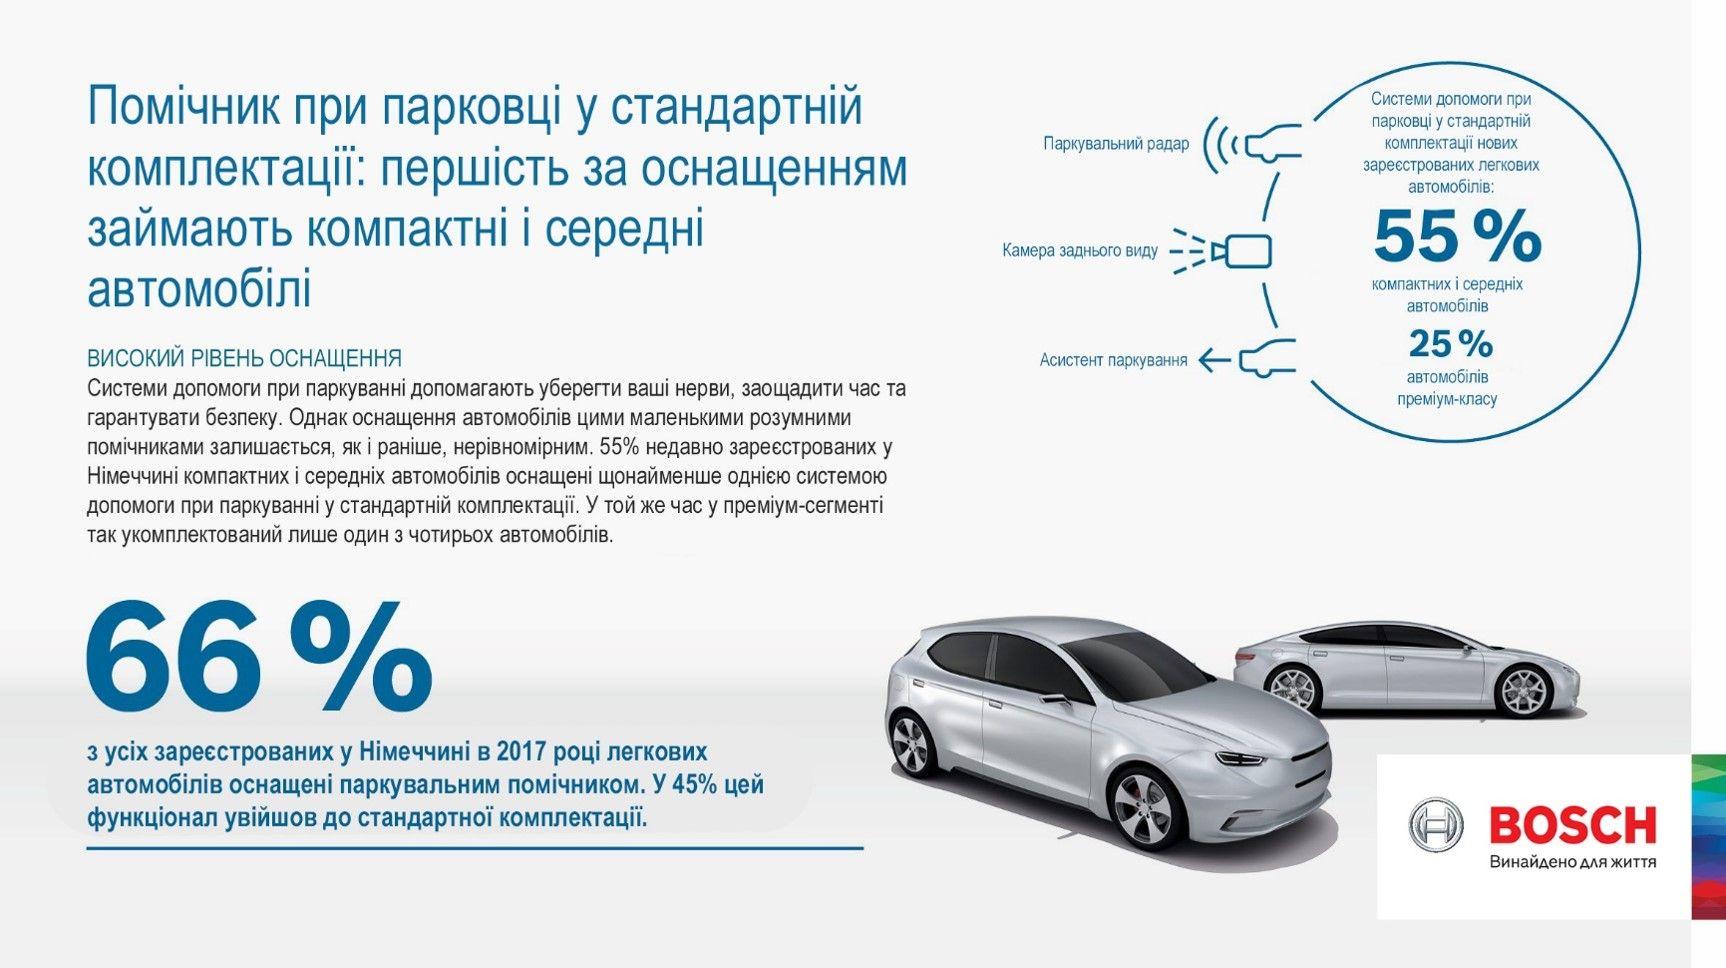 Технології в маси: в Європі компактні автомобілі вирвались у лідери за оснащенням електронними помічниками